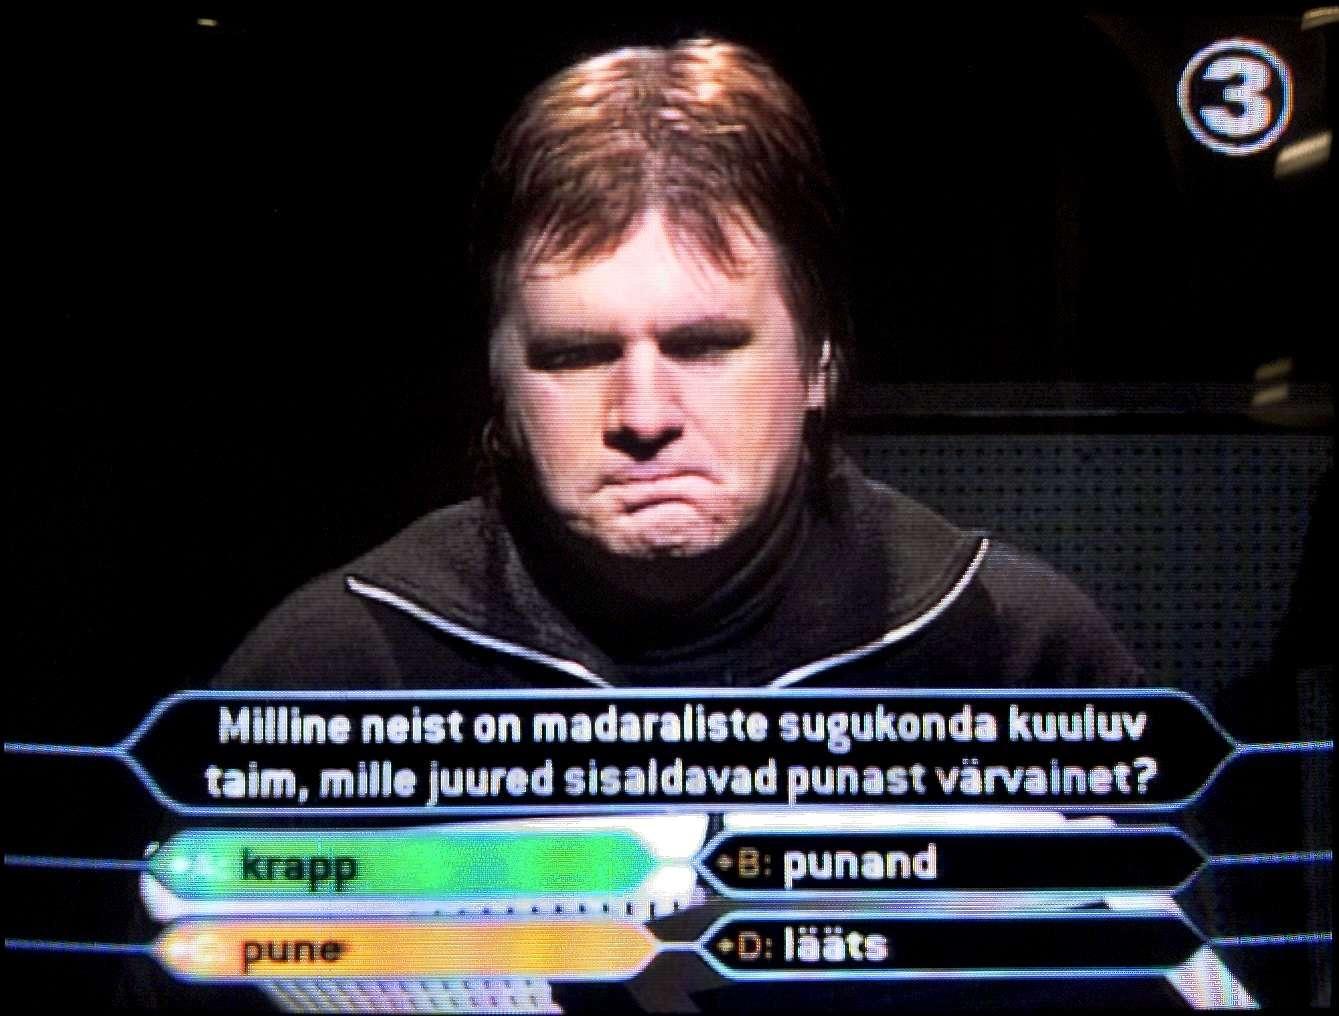 Indrek Salis vastamas valesti poole mljoni küsimusele. Hiljem oli tal tükk aega tahtmine poes pune topse nähes need vihaga põrandale visata. Foto: Tiina Kõrtsini